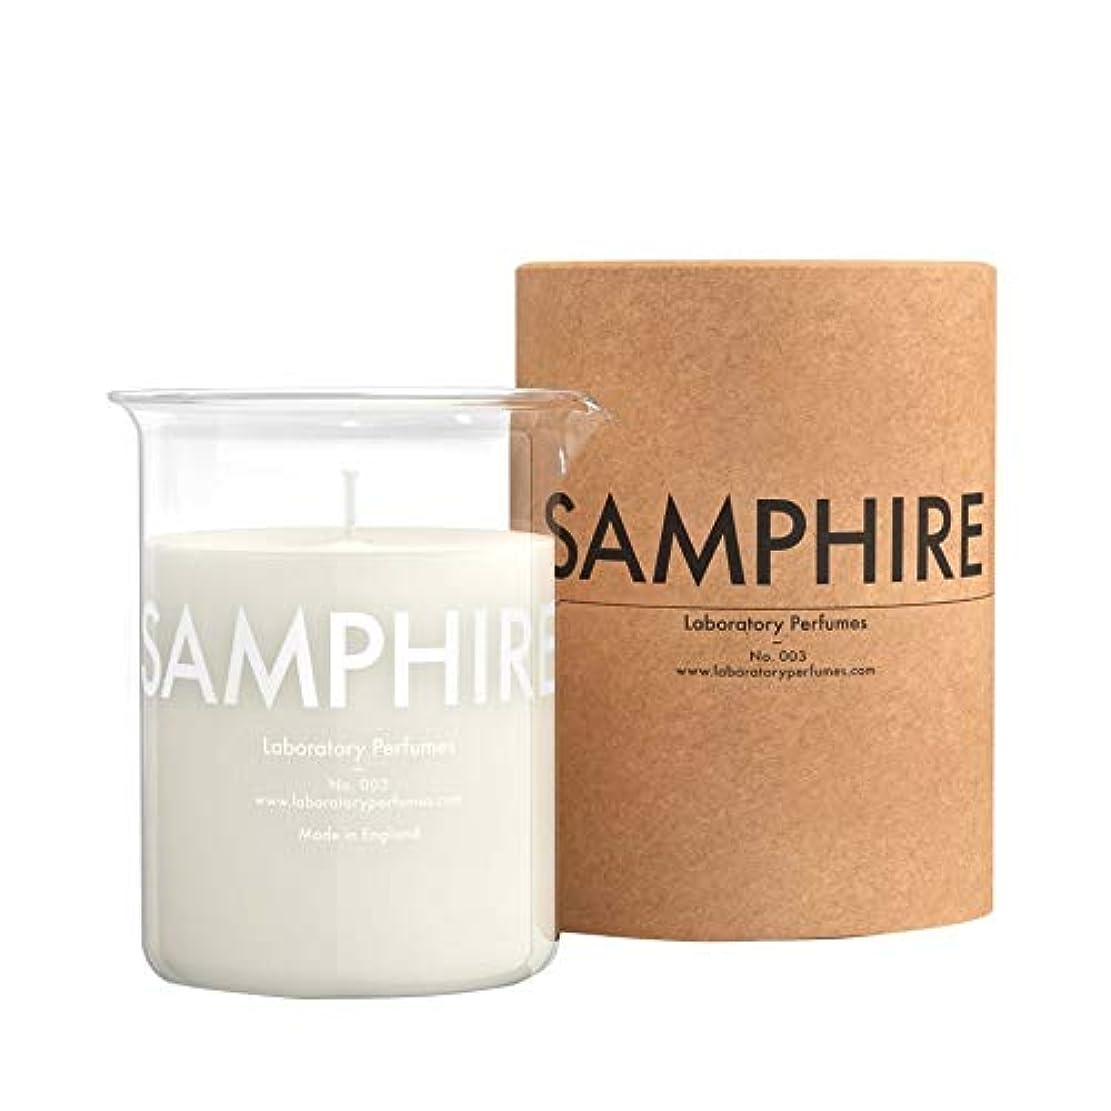 大西洋スキーム人口[Laboratory Perfumes ] 実験室の香水なし。 033 Samphireフレグランスキャンドル - Laboratory Perfumes No. 033 Samphire Fragranced Candle [並行輸入品]